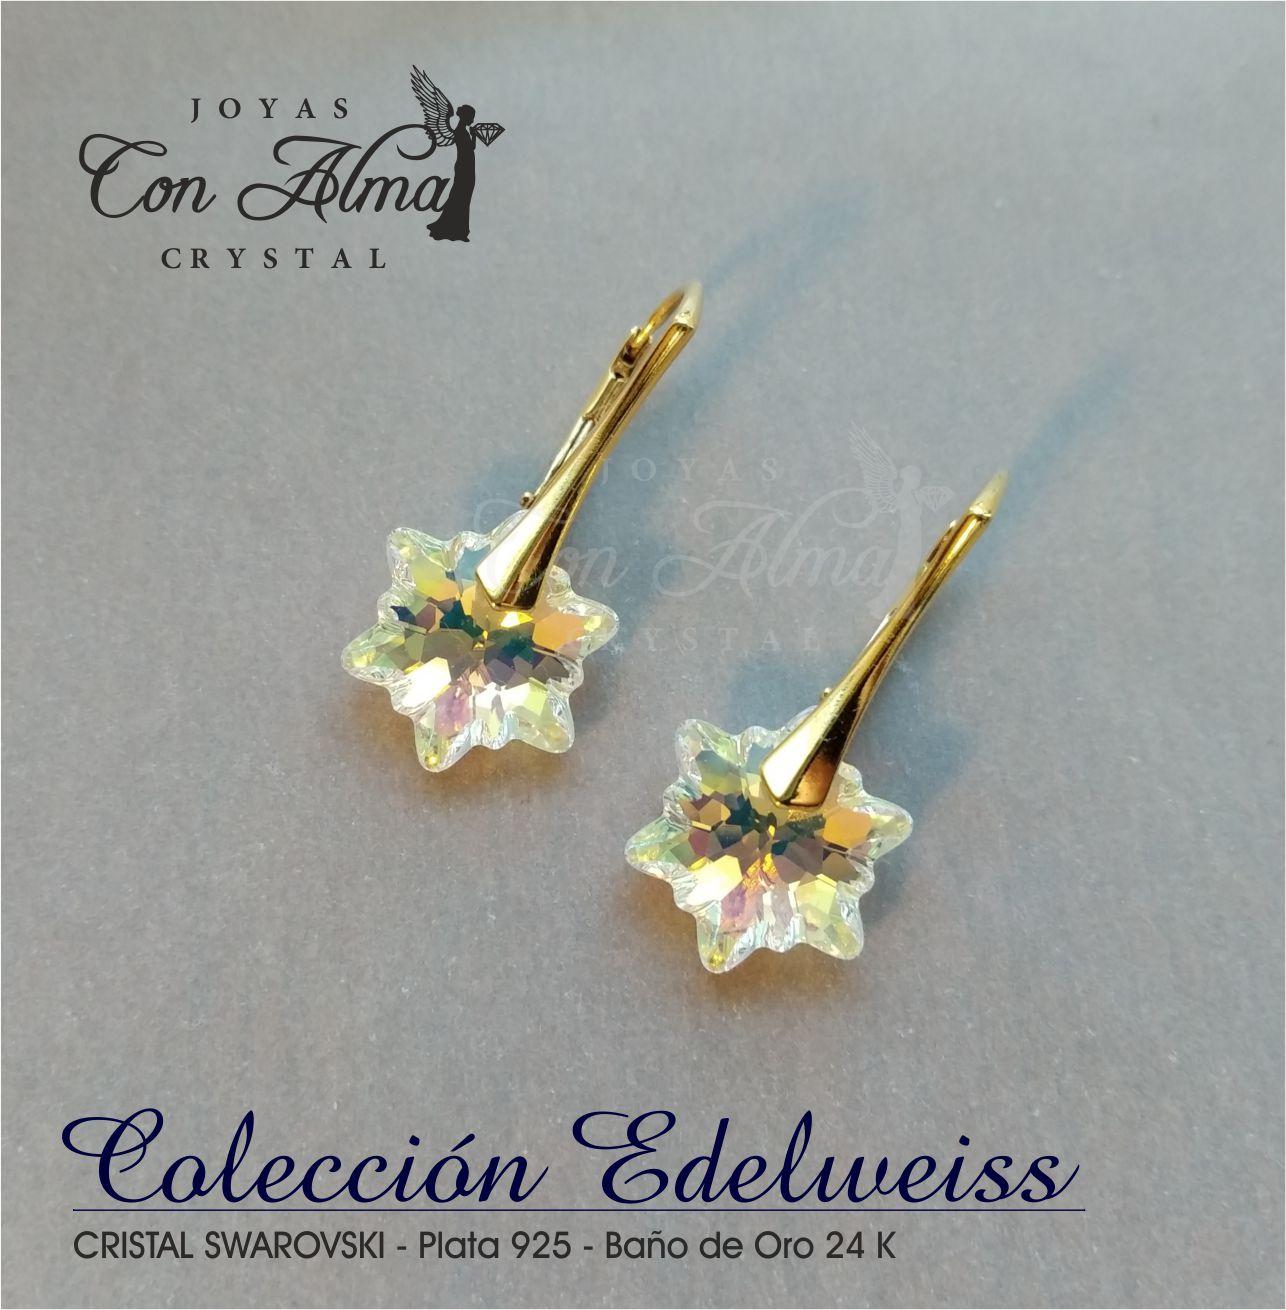 COLECCIÓN EDELWEISS 001